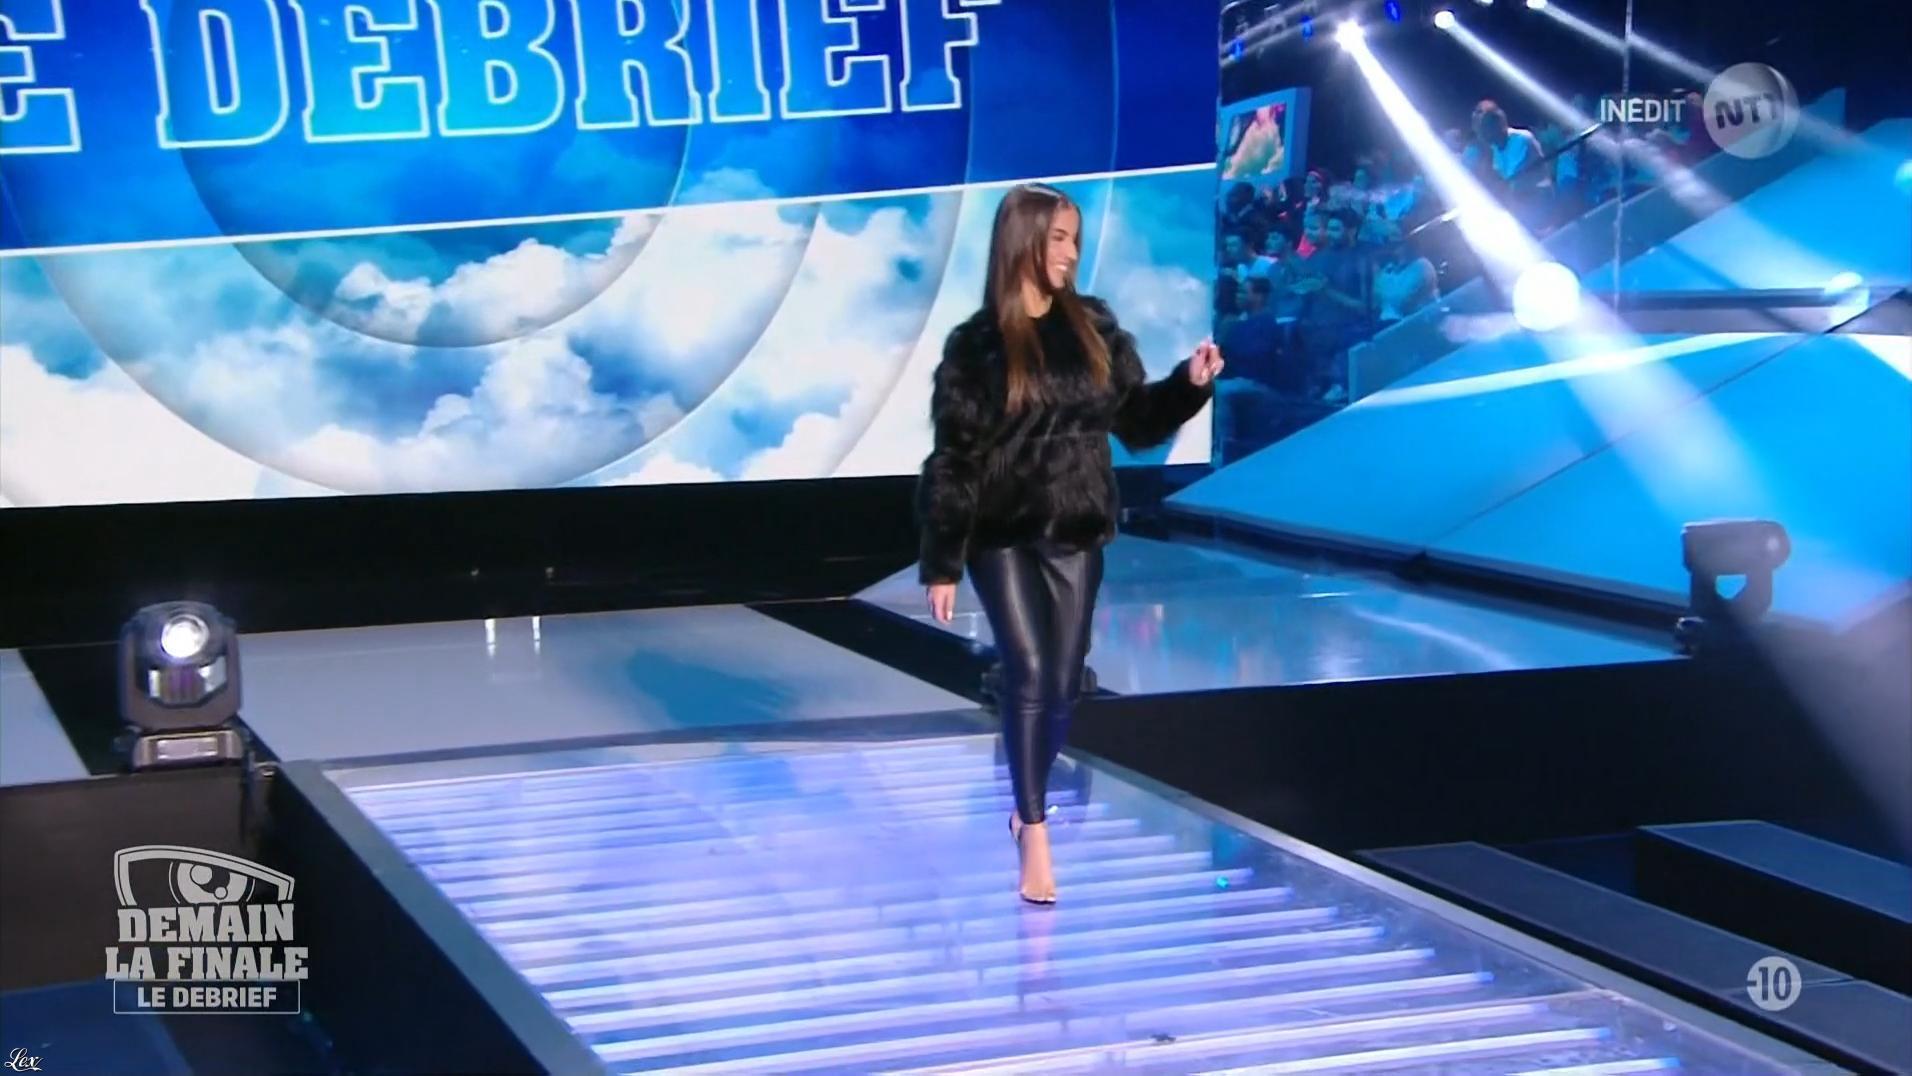 Une Candidate dans Secret Story le Debrief. Diffusé à la télévision le 06/12/17.